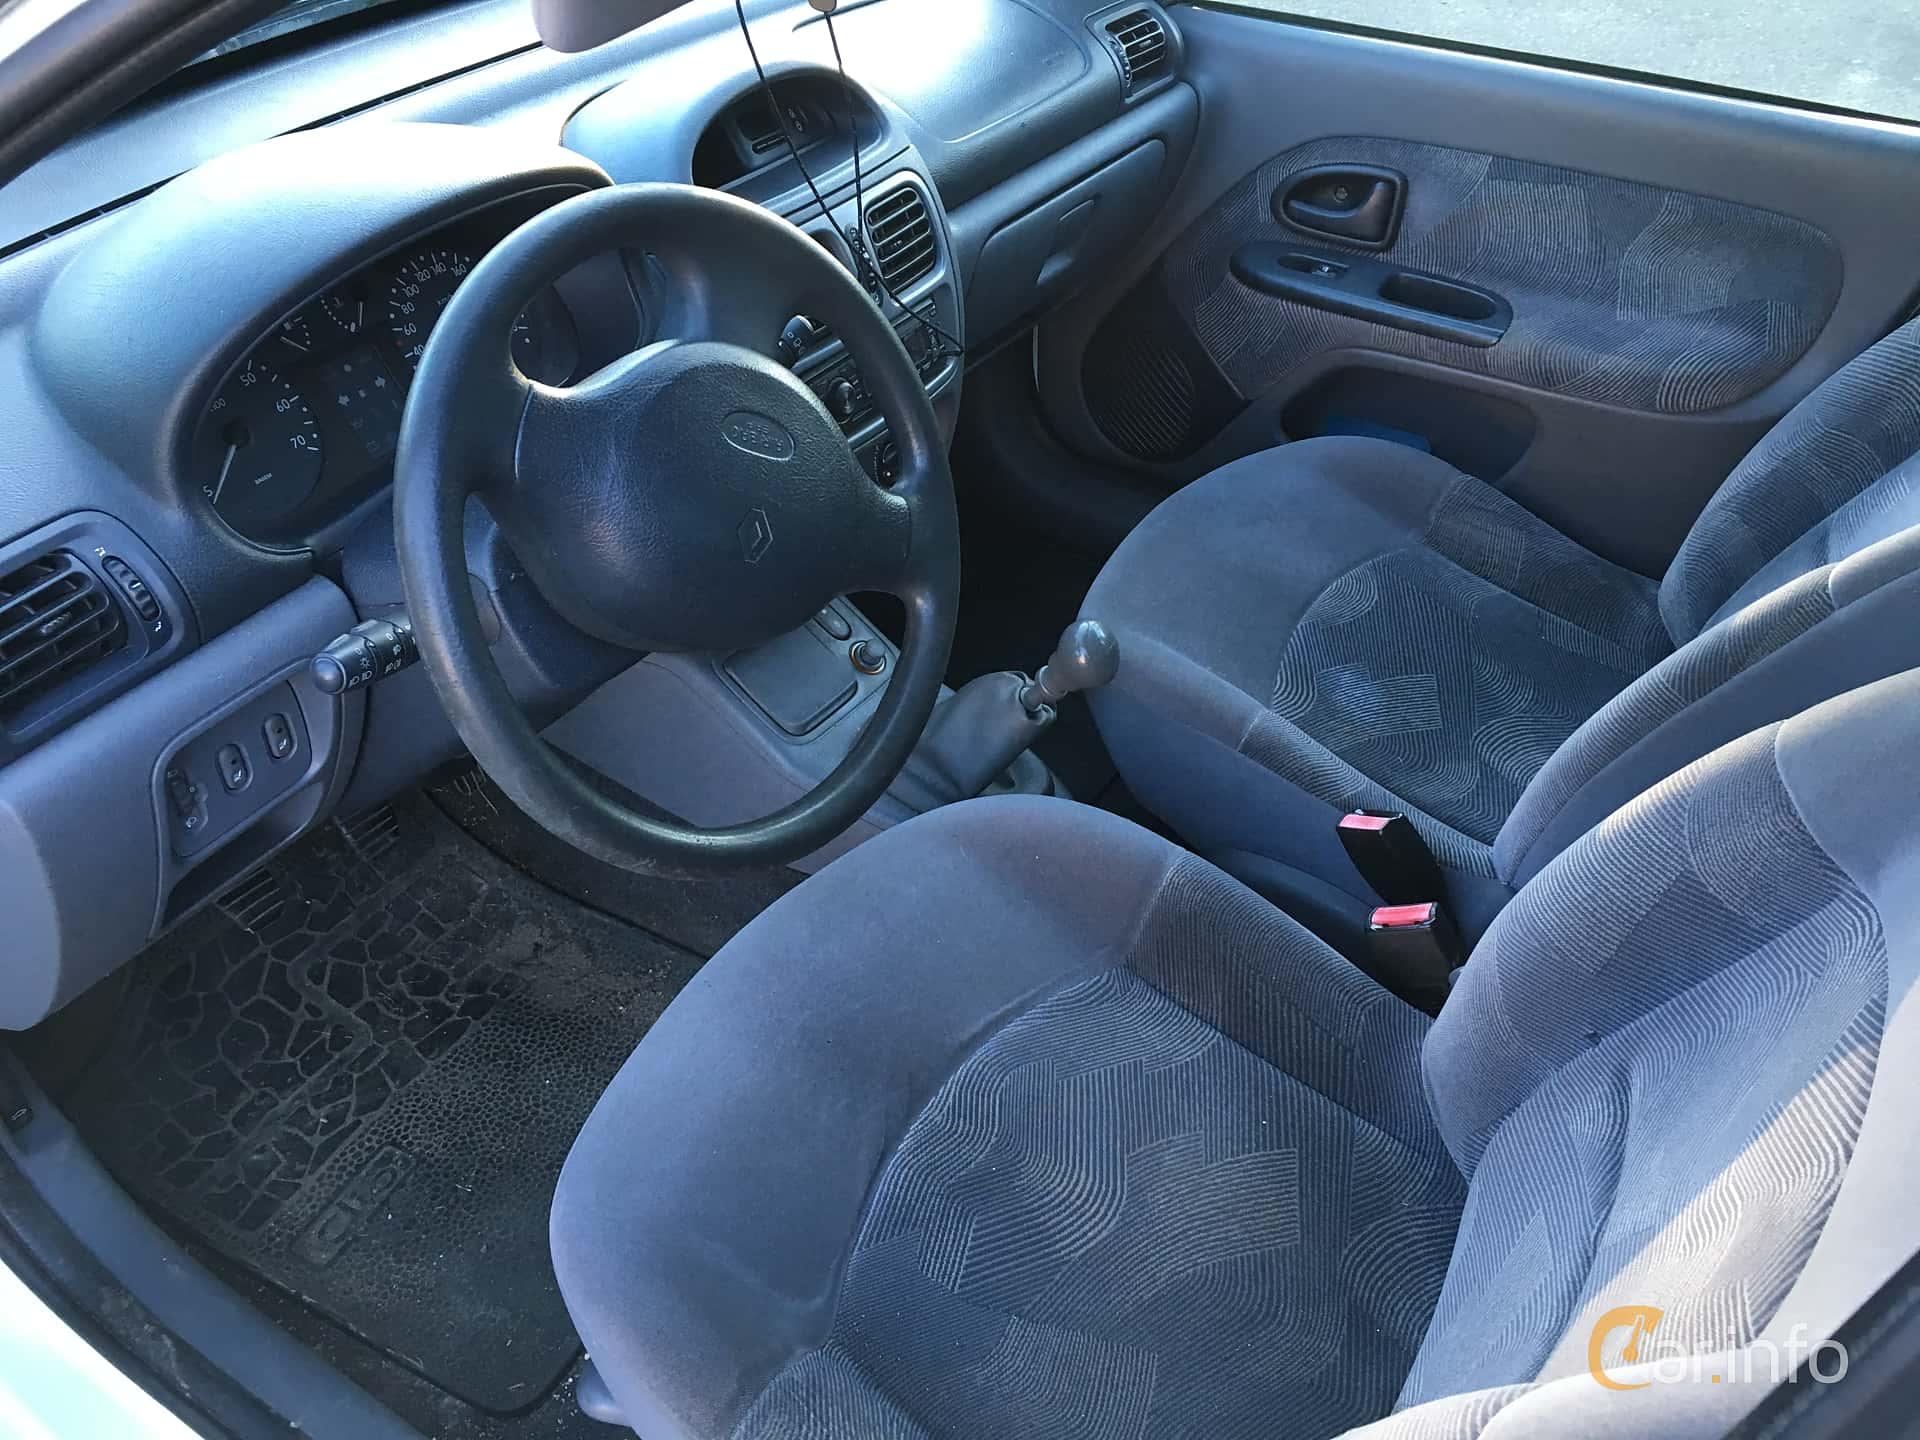 Renault Clio 5 Door Hatchback 1 4 Manual 75hp 2001